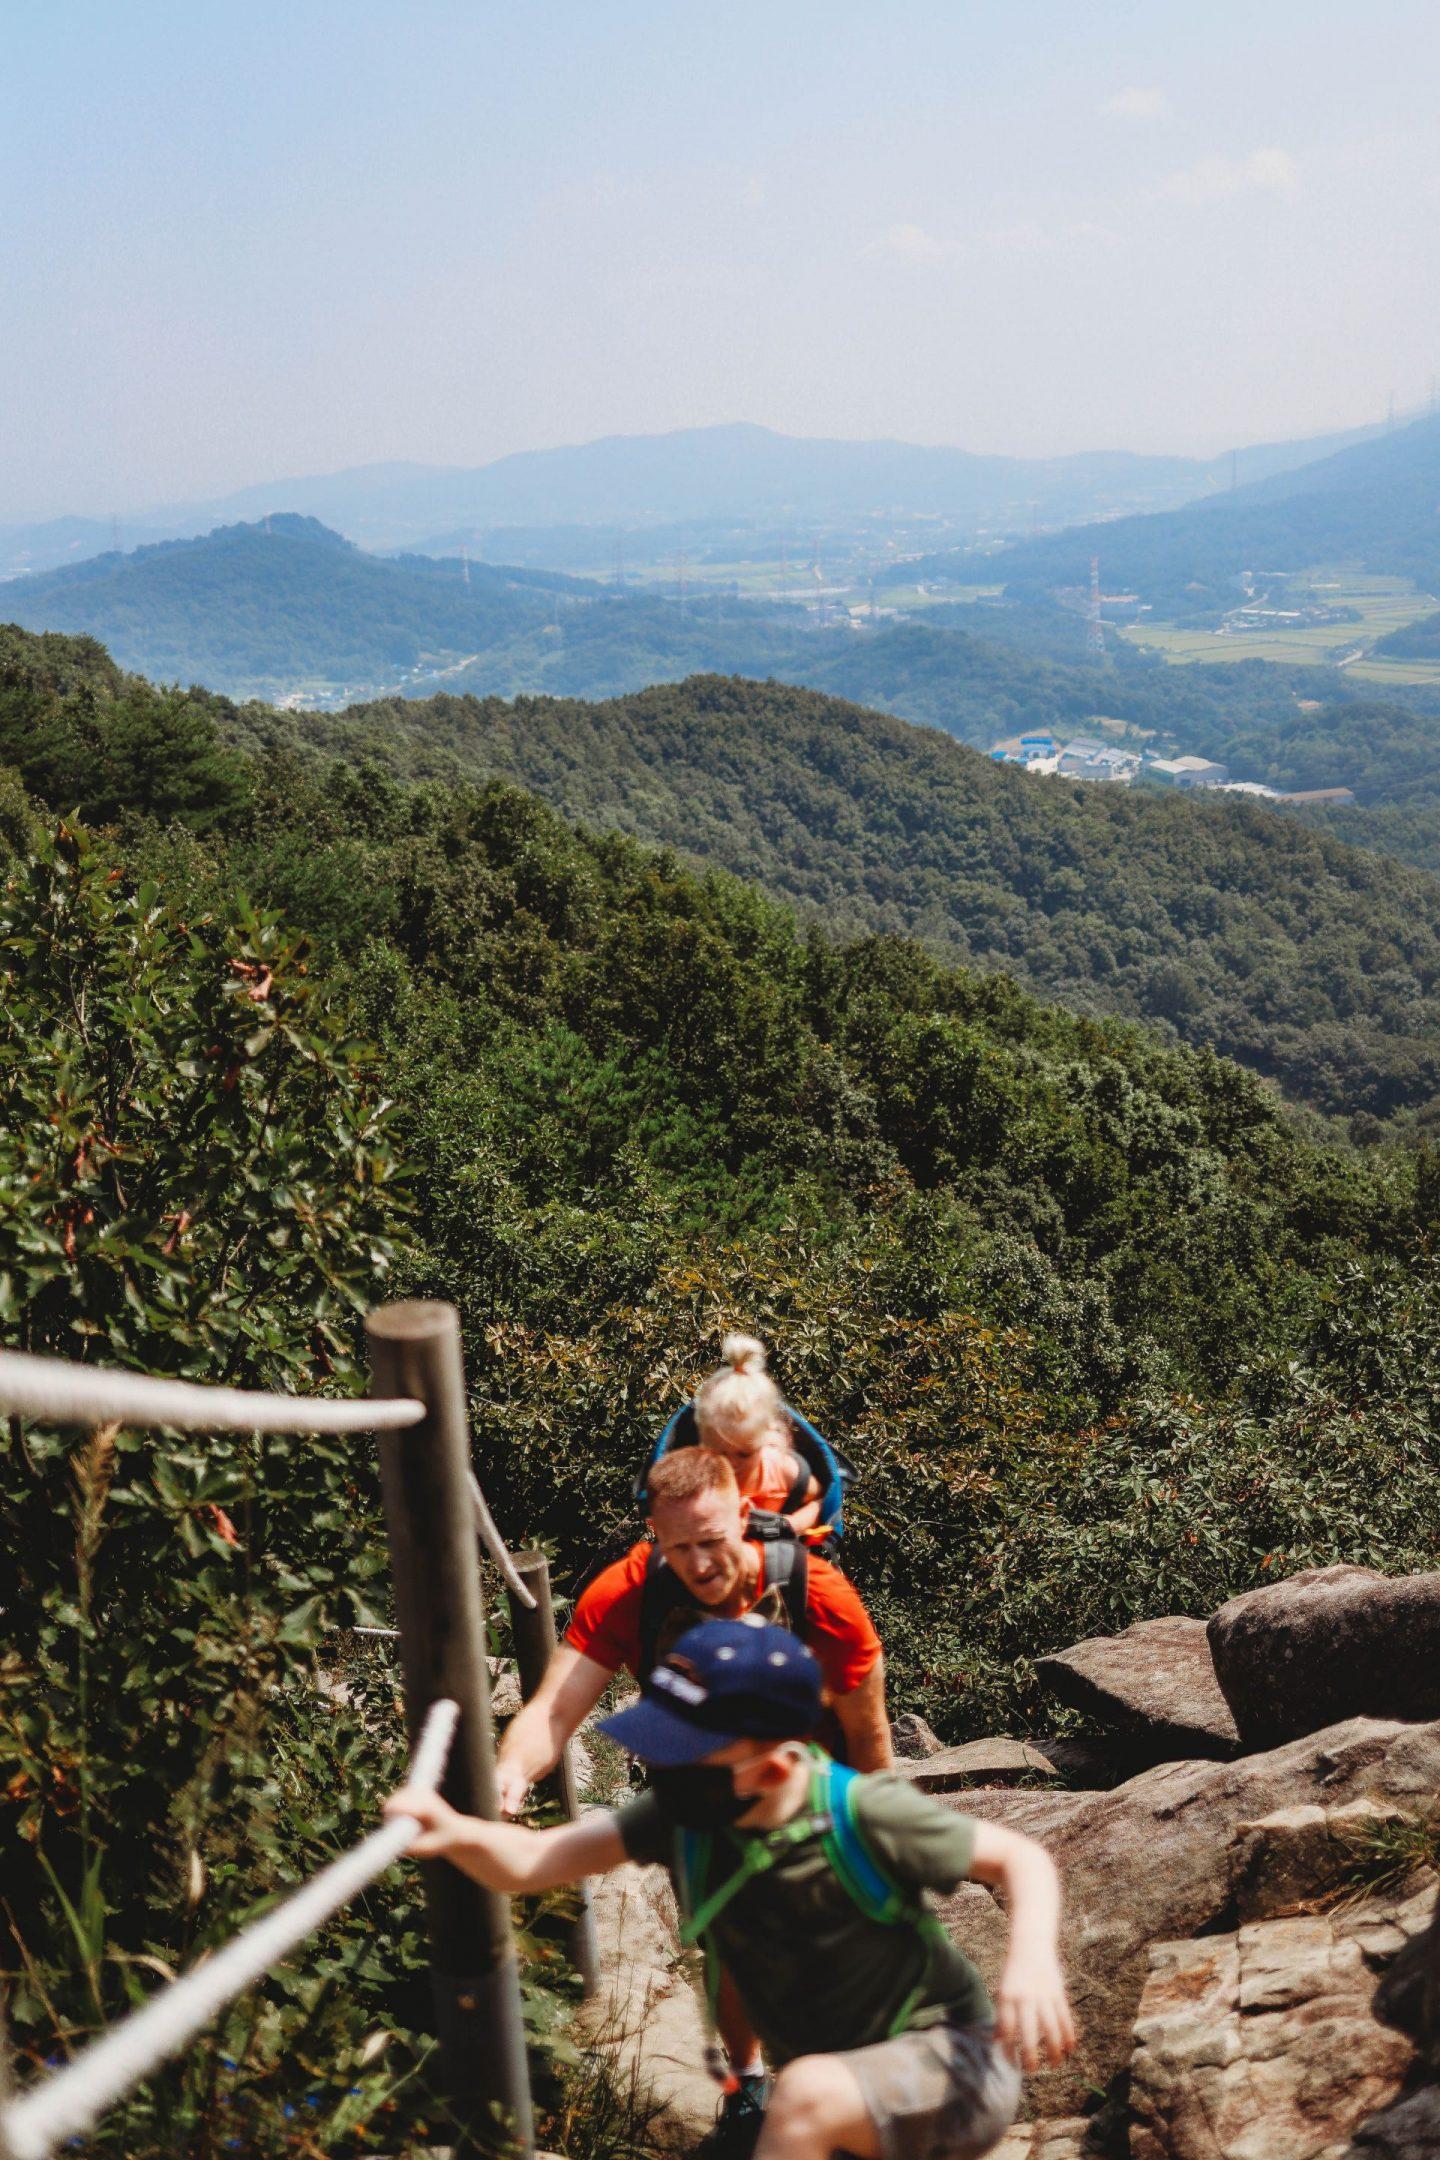 pinnacle four trail asan south korea